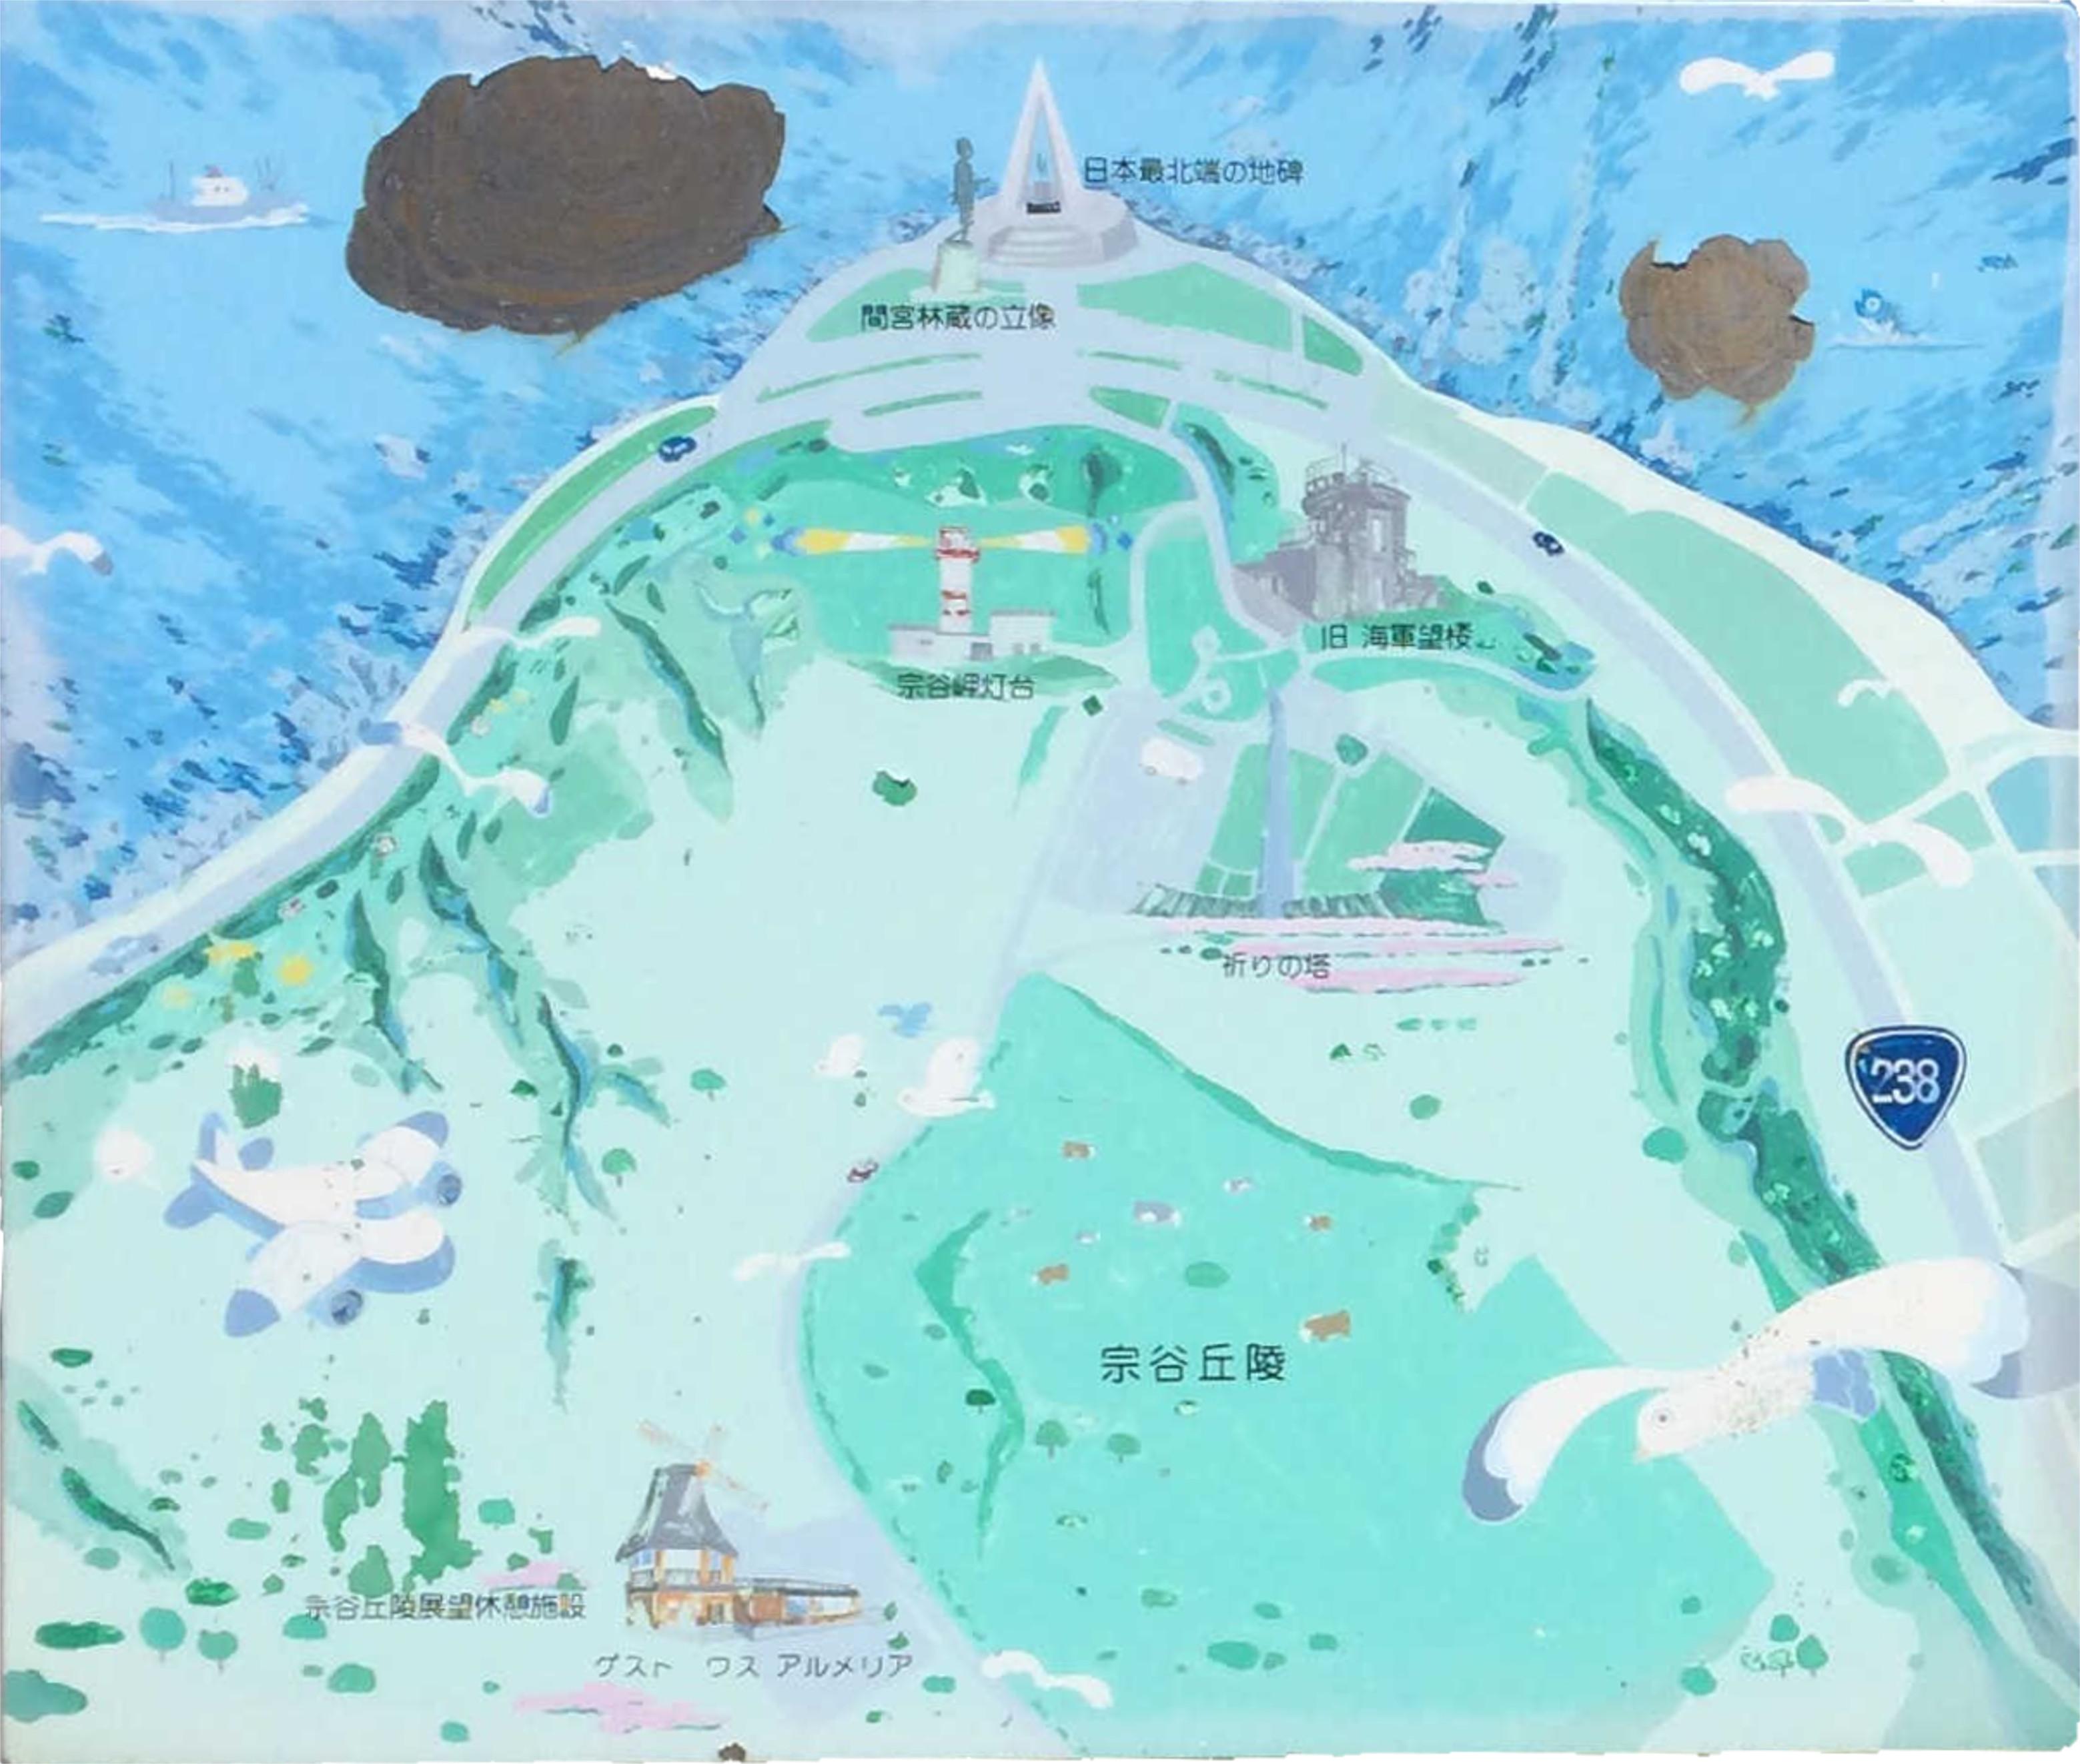 宗谷岬案内図(左)